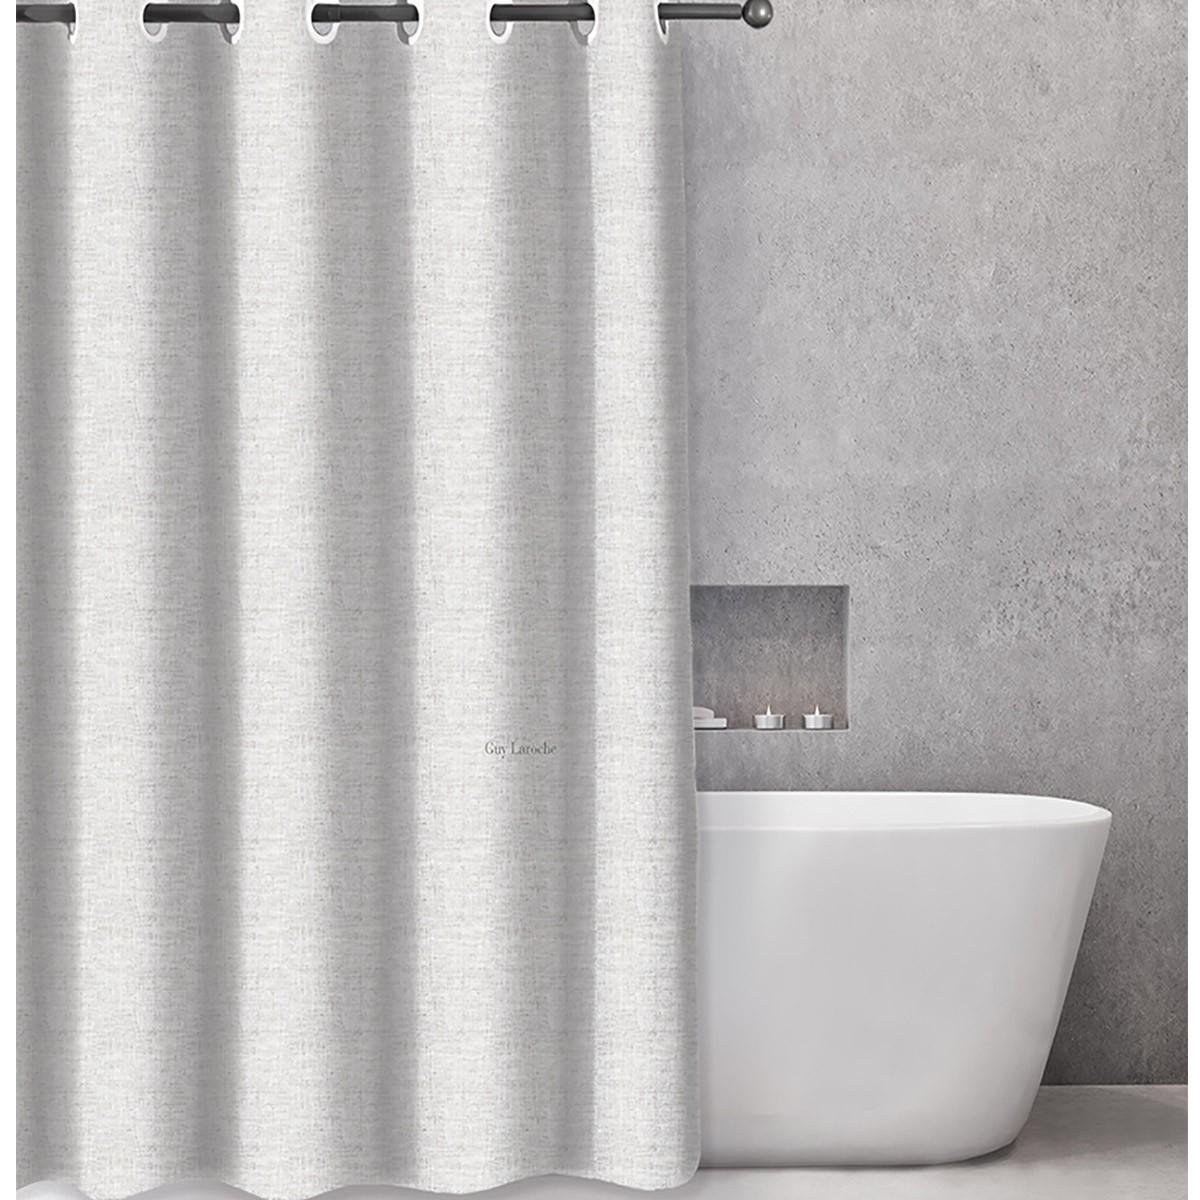 Κουρτίνα Μπάνιου (240x185) Guy Laroche Dolce Grey